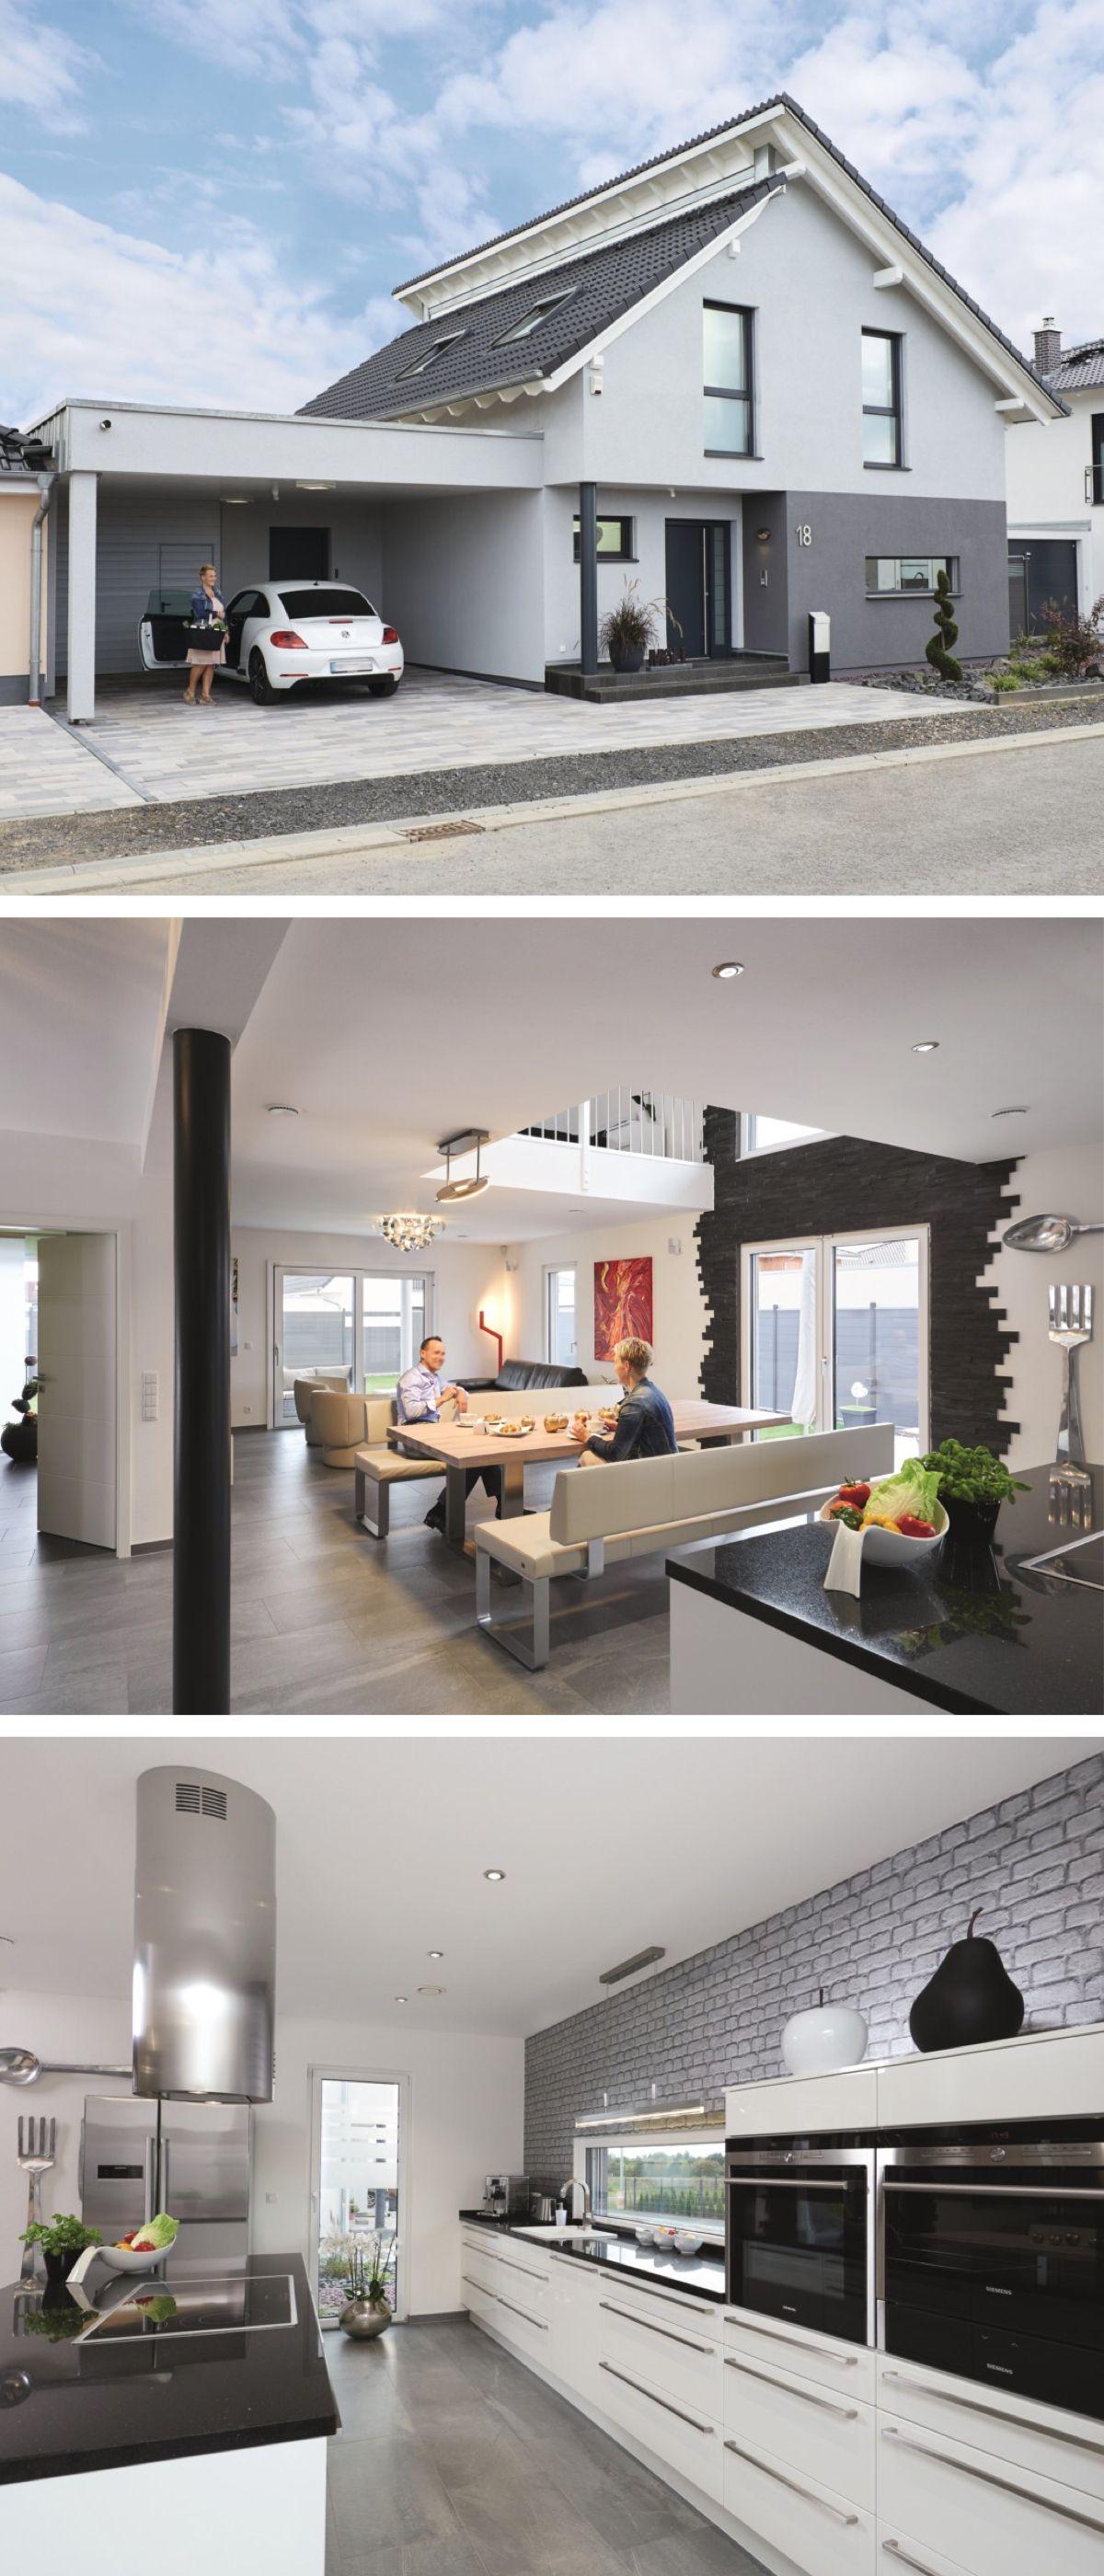 Modernes Pultdach-Haus mit Galerie und Carport - Einfamilienhaus ...